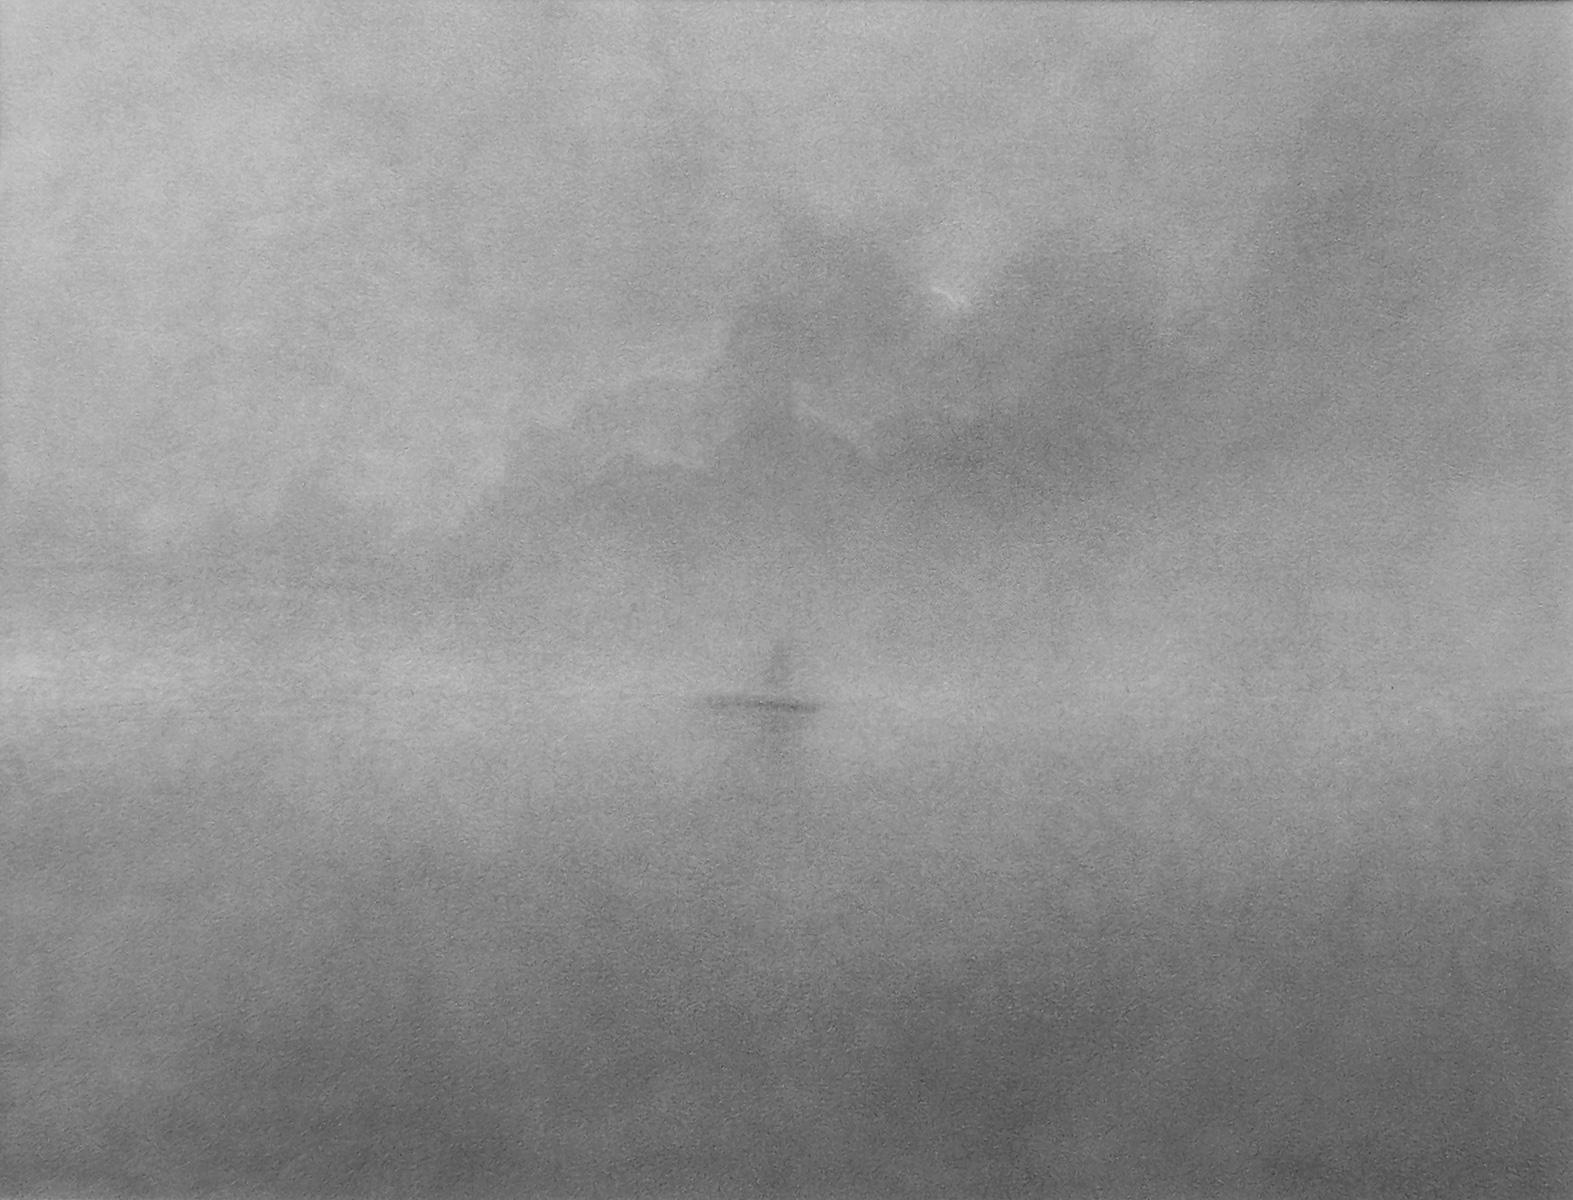 ZOOM - Paesaggio 6